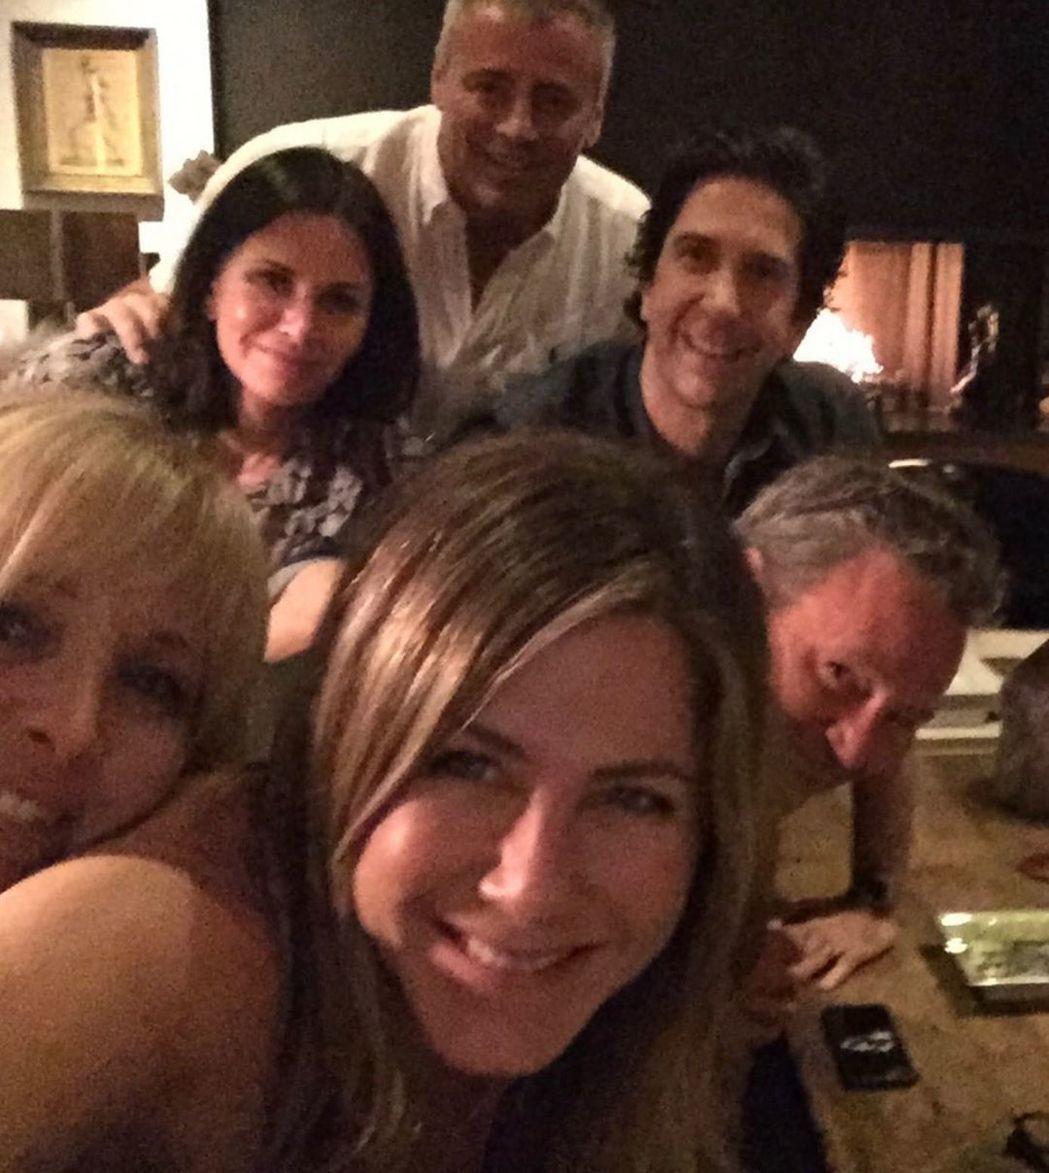 六人行」主角們私下會聚會。圖/摘自Instagram